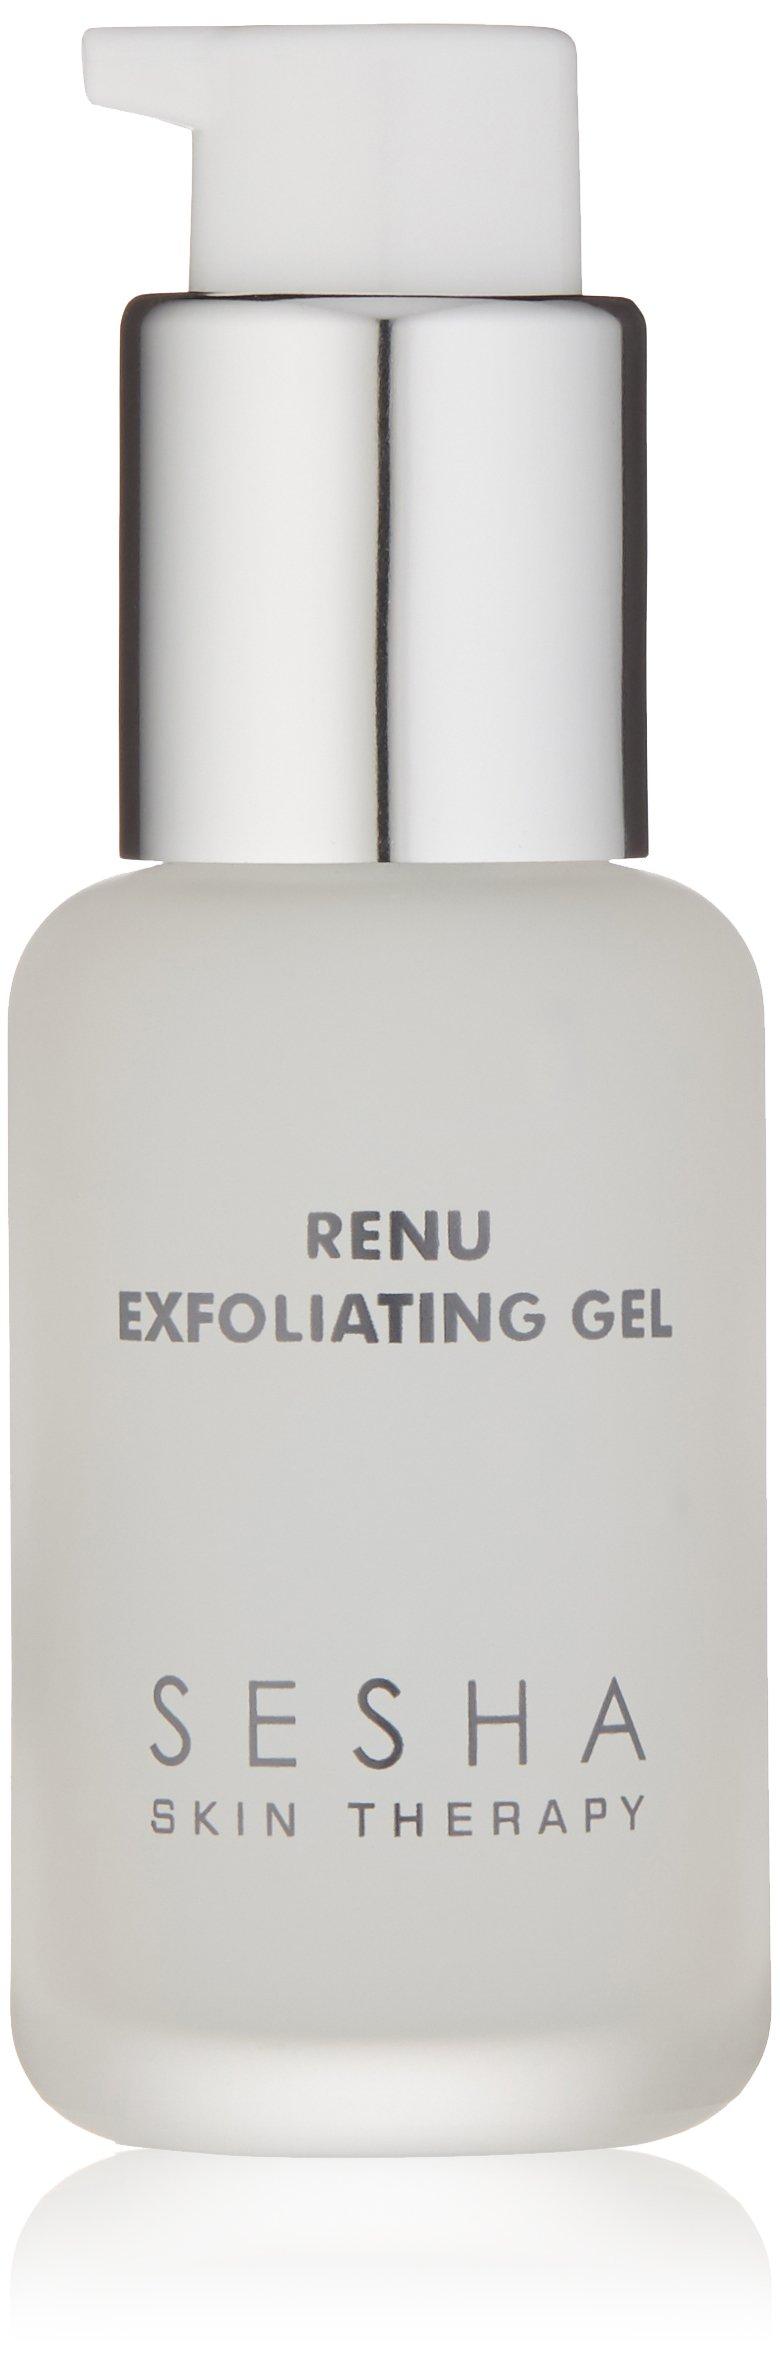 SESHA Skin Therapy Renu Exfoliating Gel, 1.7 Fl Oz by SESHA Skin Therapy